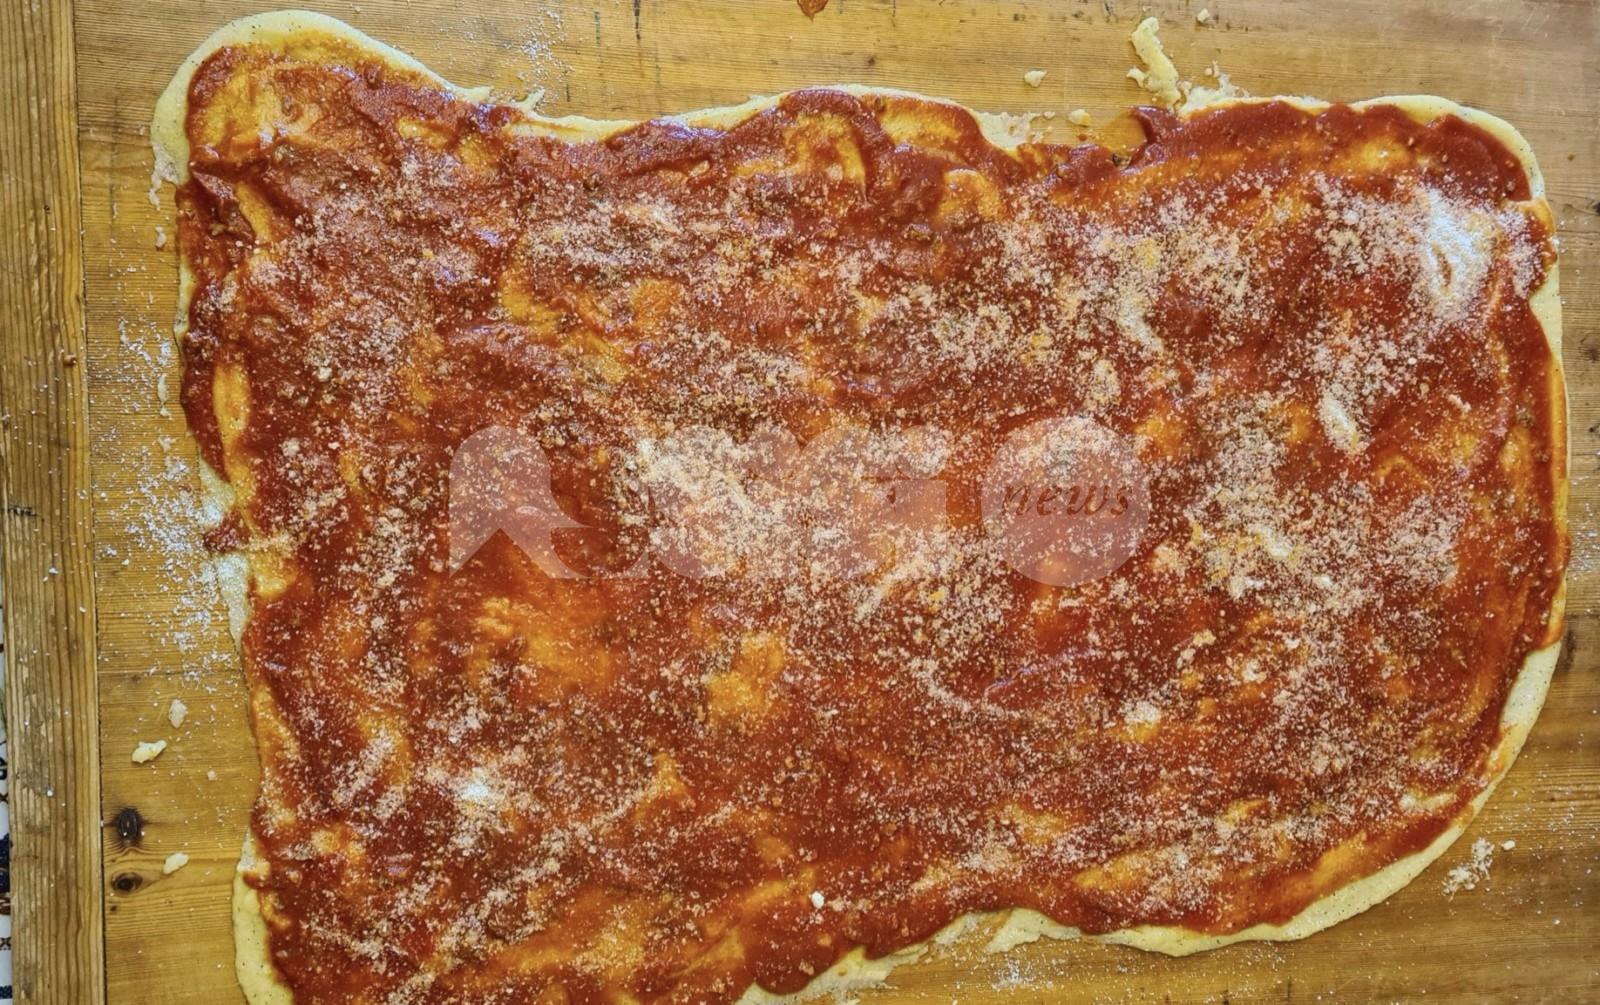 Polenta umbra al sugo e salsicce sulla spianatoia: ricetta storica e preparazione